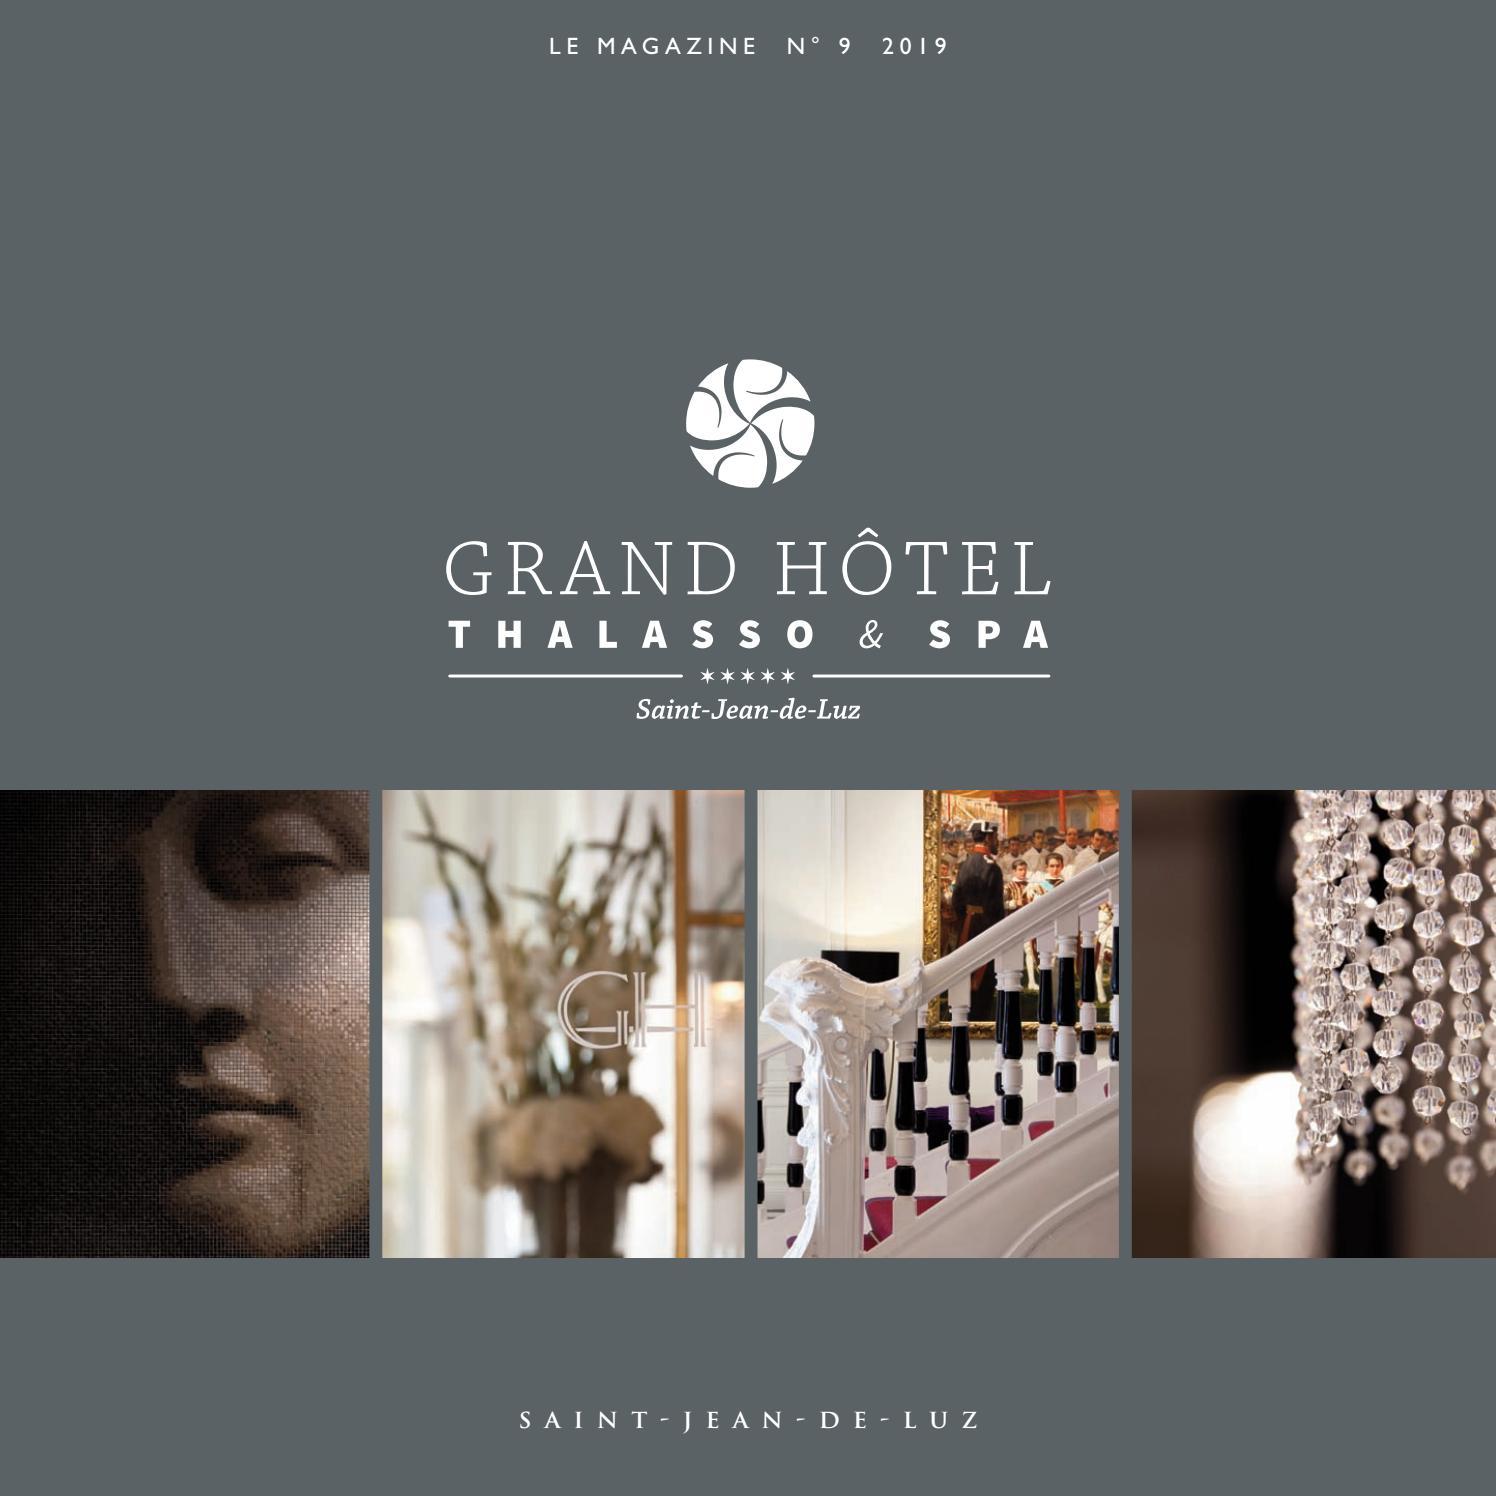 Poterie Goicoechea Saint Jean De Luz grand hôtel thalasso & spa saint-jean-de-luz - 2019mr